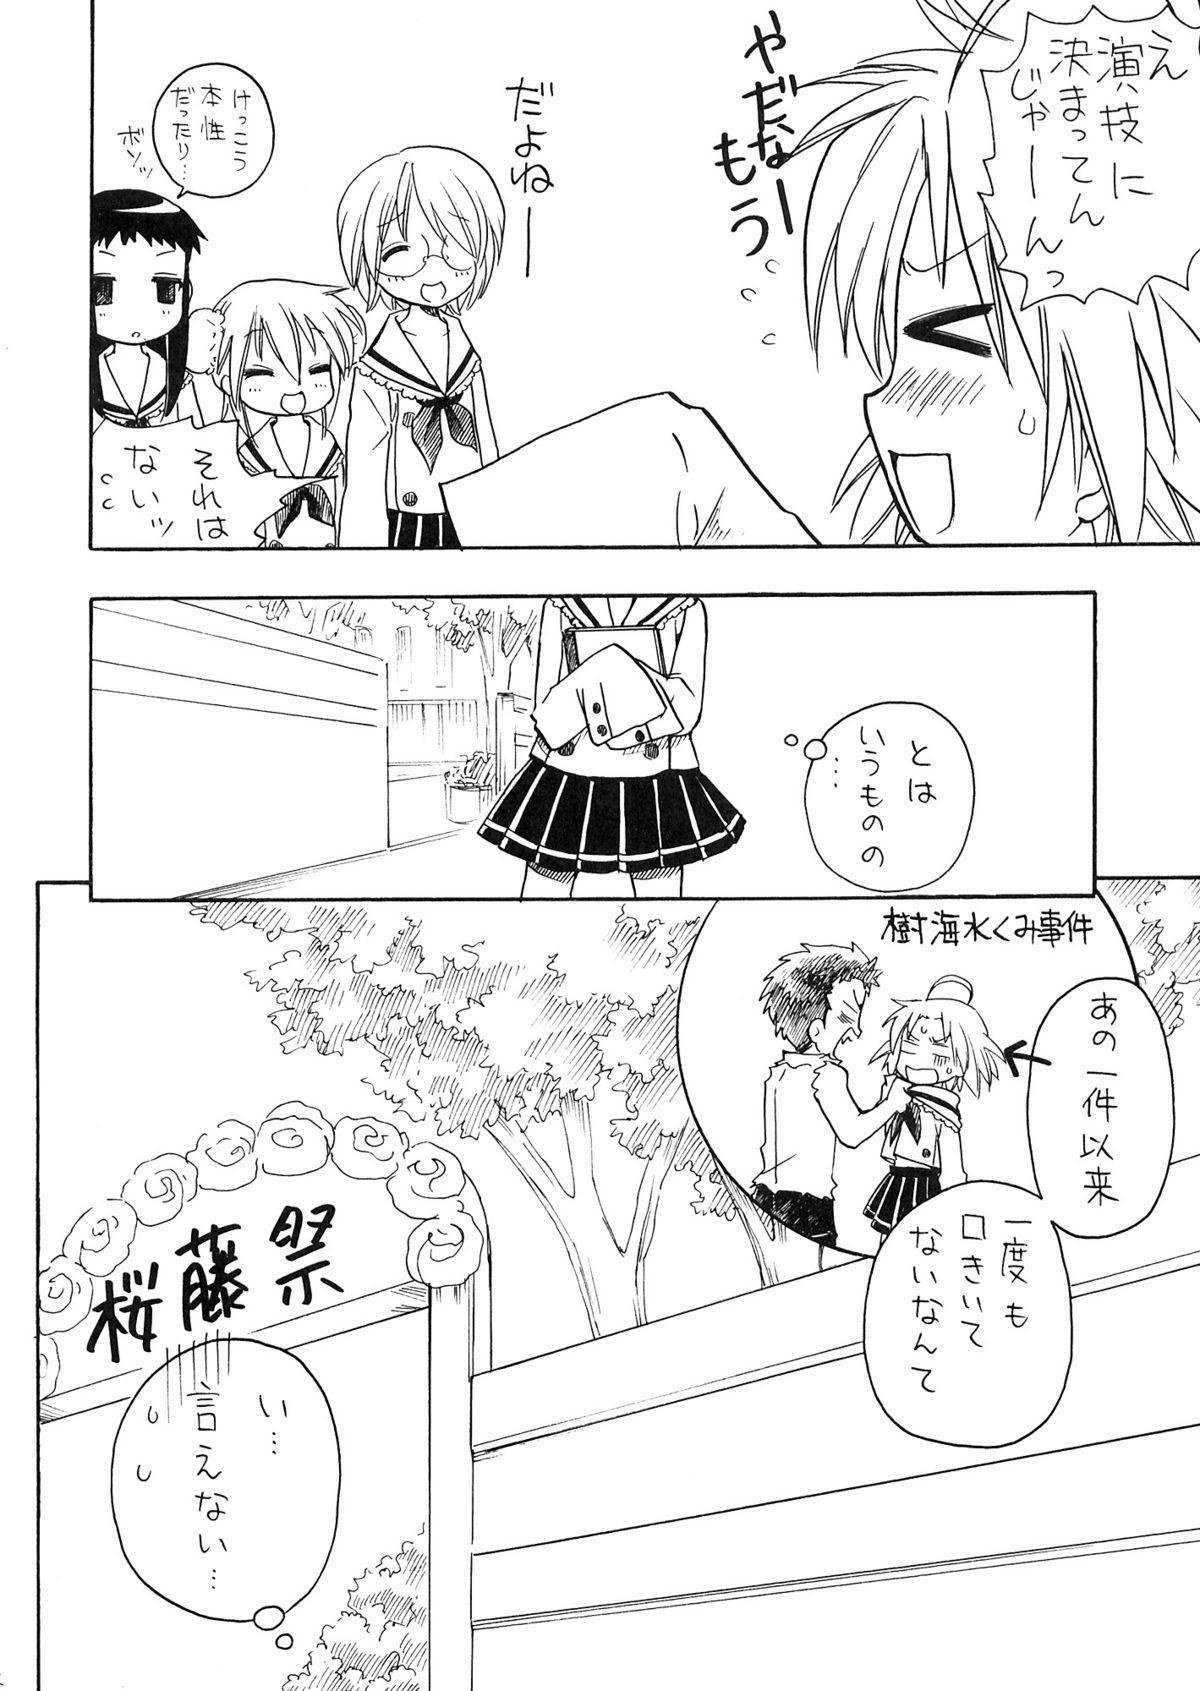 Akira-sama no Yuuutsu 3